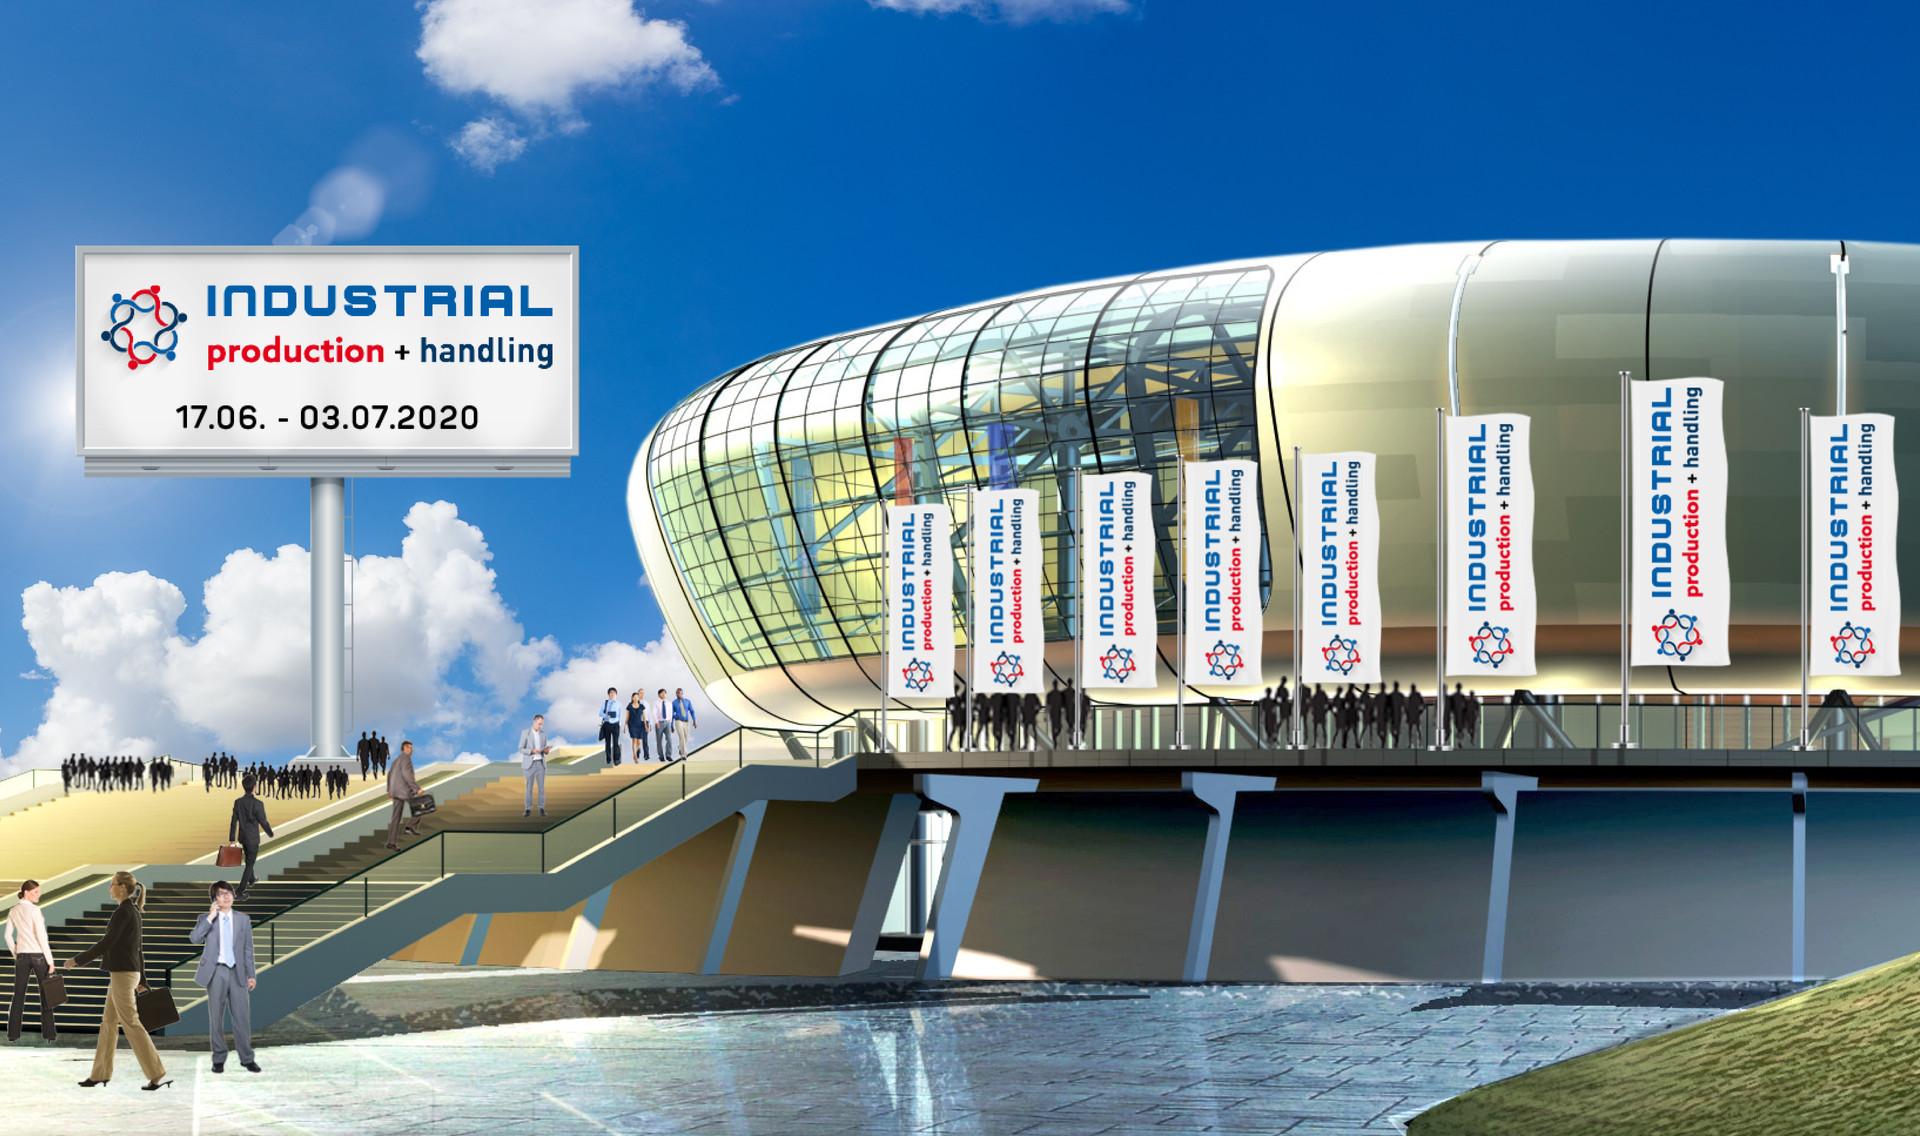 Besuchen Sie uns in Halle 2 auf der virtuellen Messe INDUSTRIAL production+handling